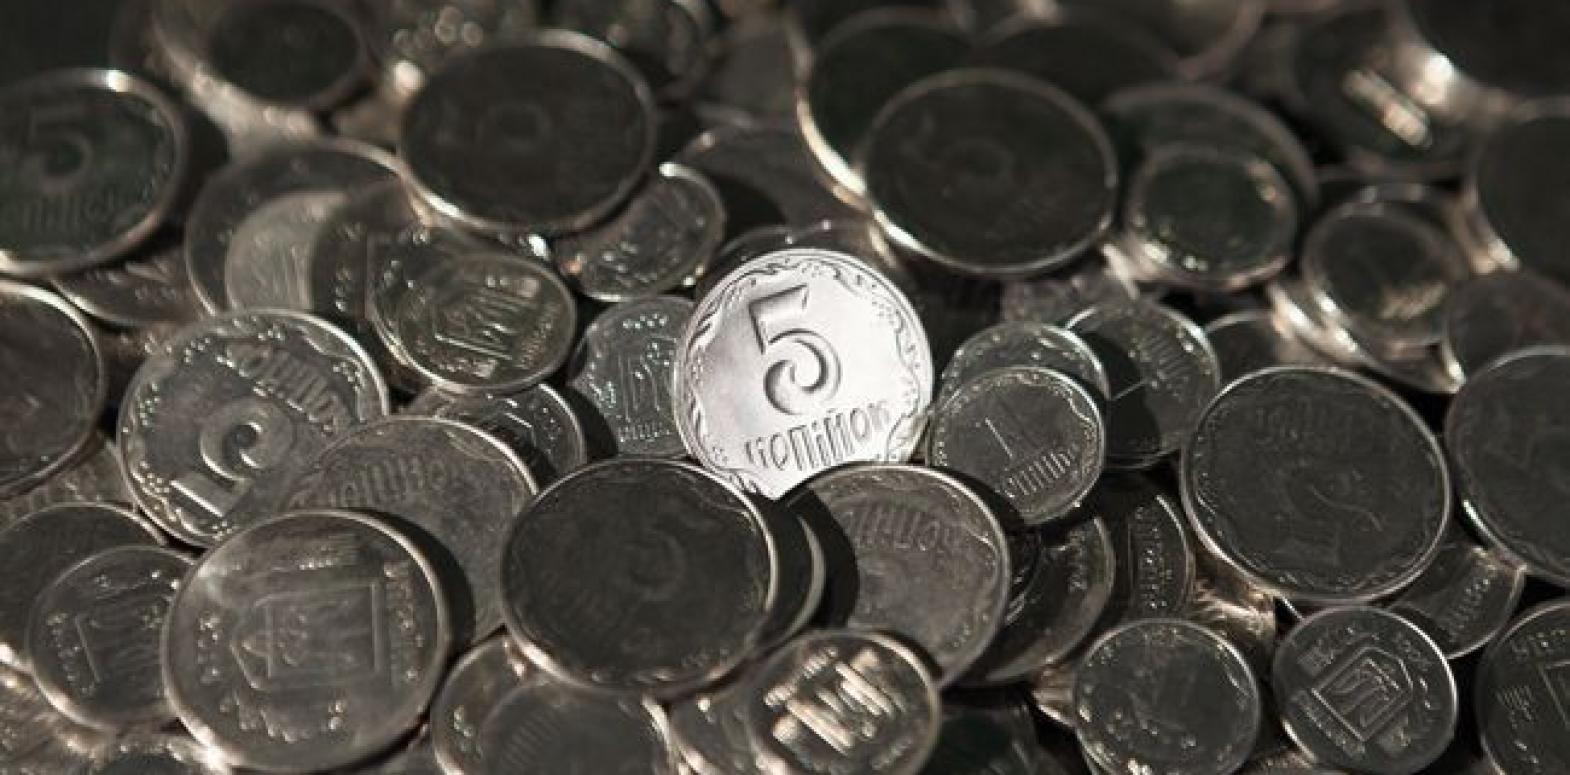 НБУ назвал количество изъятых монет мелких номиналов